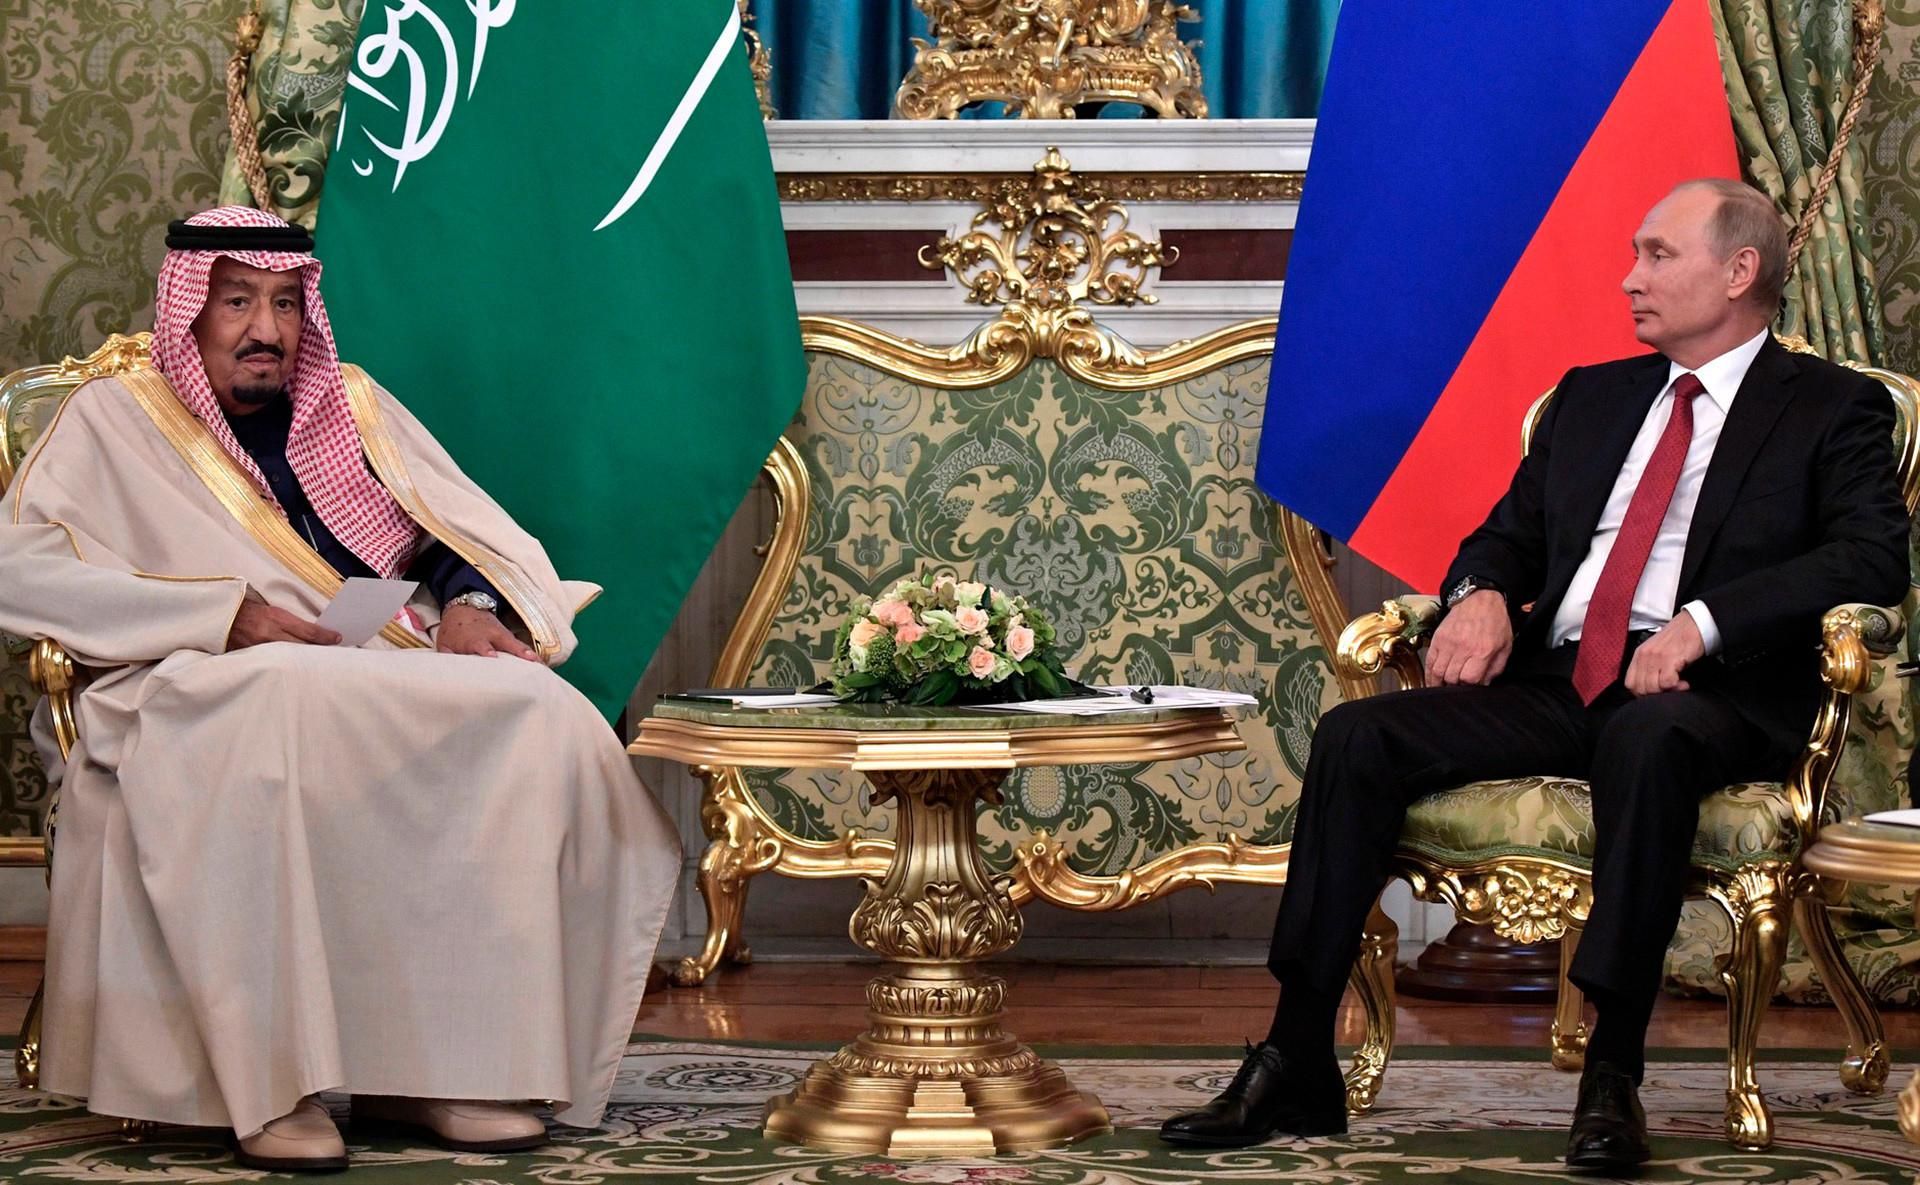 Vladimir Putin on the meeting with Salman bin Abdulaziz Al Saud on Oct. 5, 2017